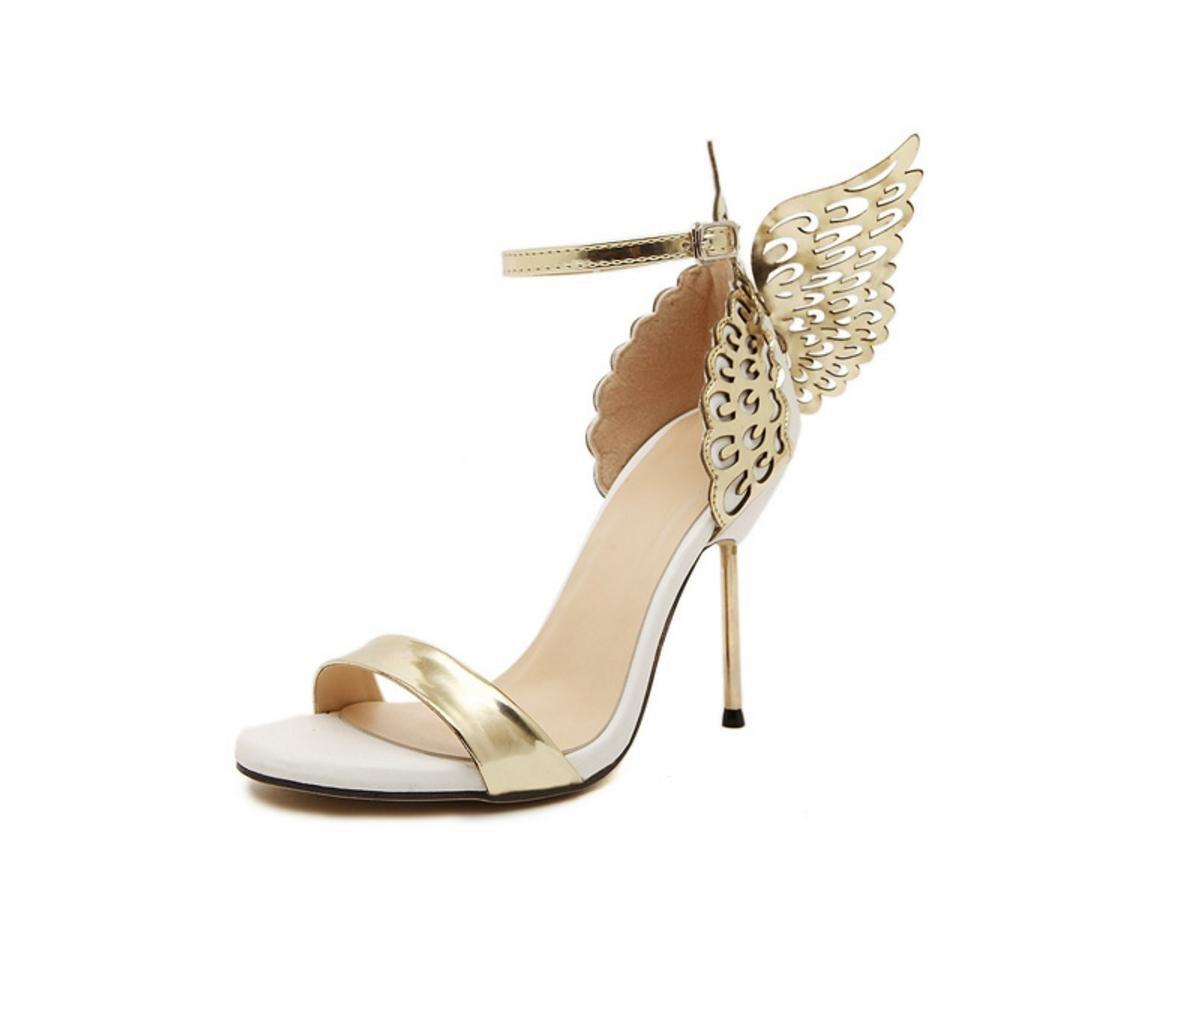 WSK Mme Heels talon sandales en trois dimensions papillon ailes d'ange chaussures Open Toe chaussures mot boucle à talons fins avec des chaussures pour femmes WSKY